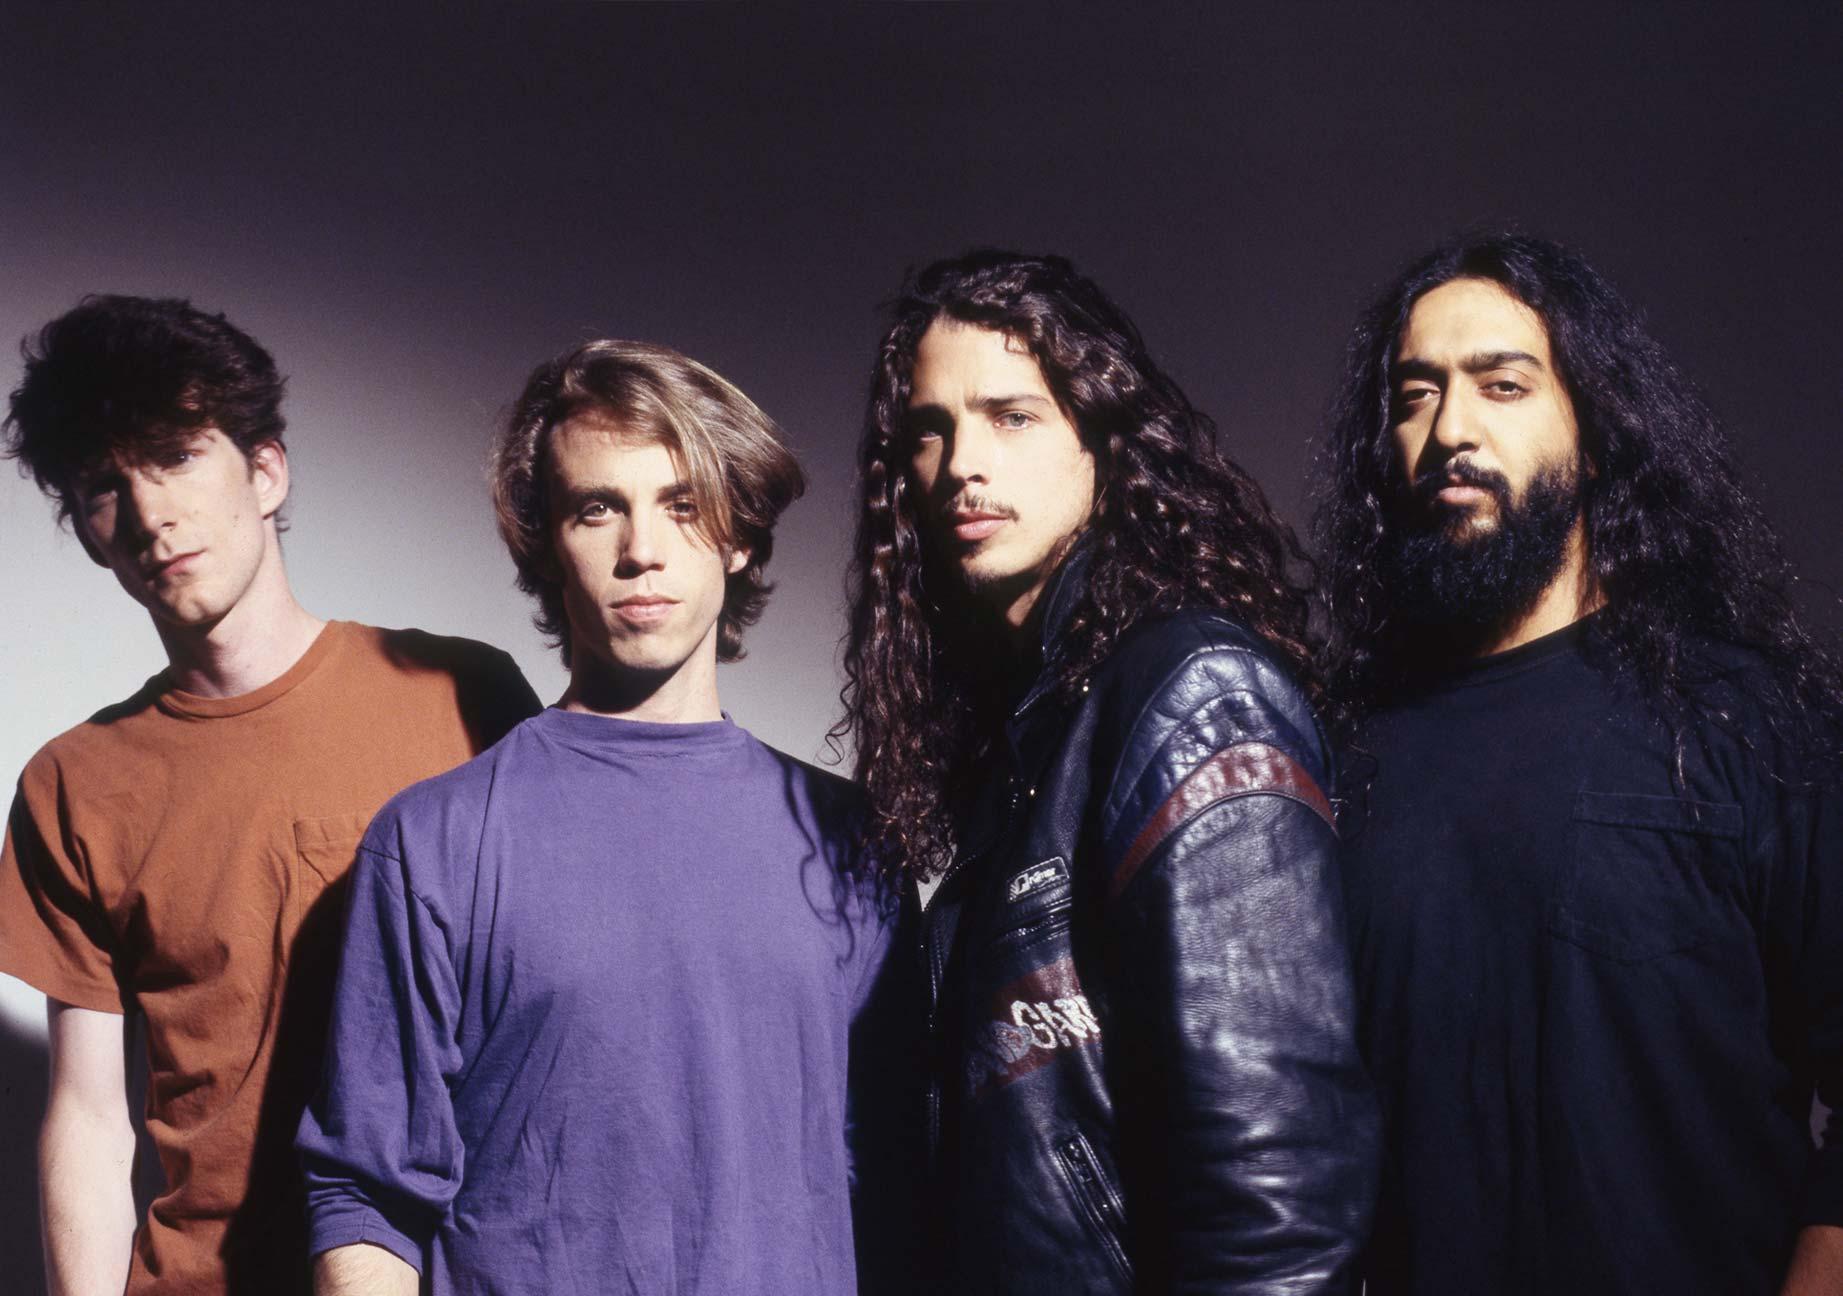 Risultati immagini per soundgarden 1994